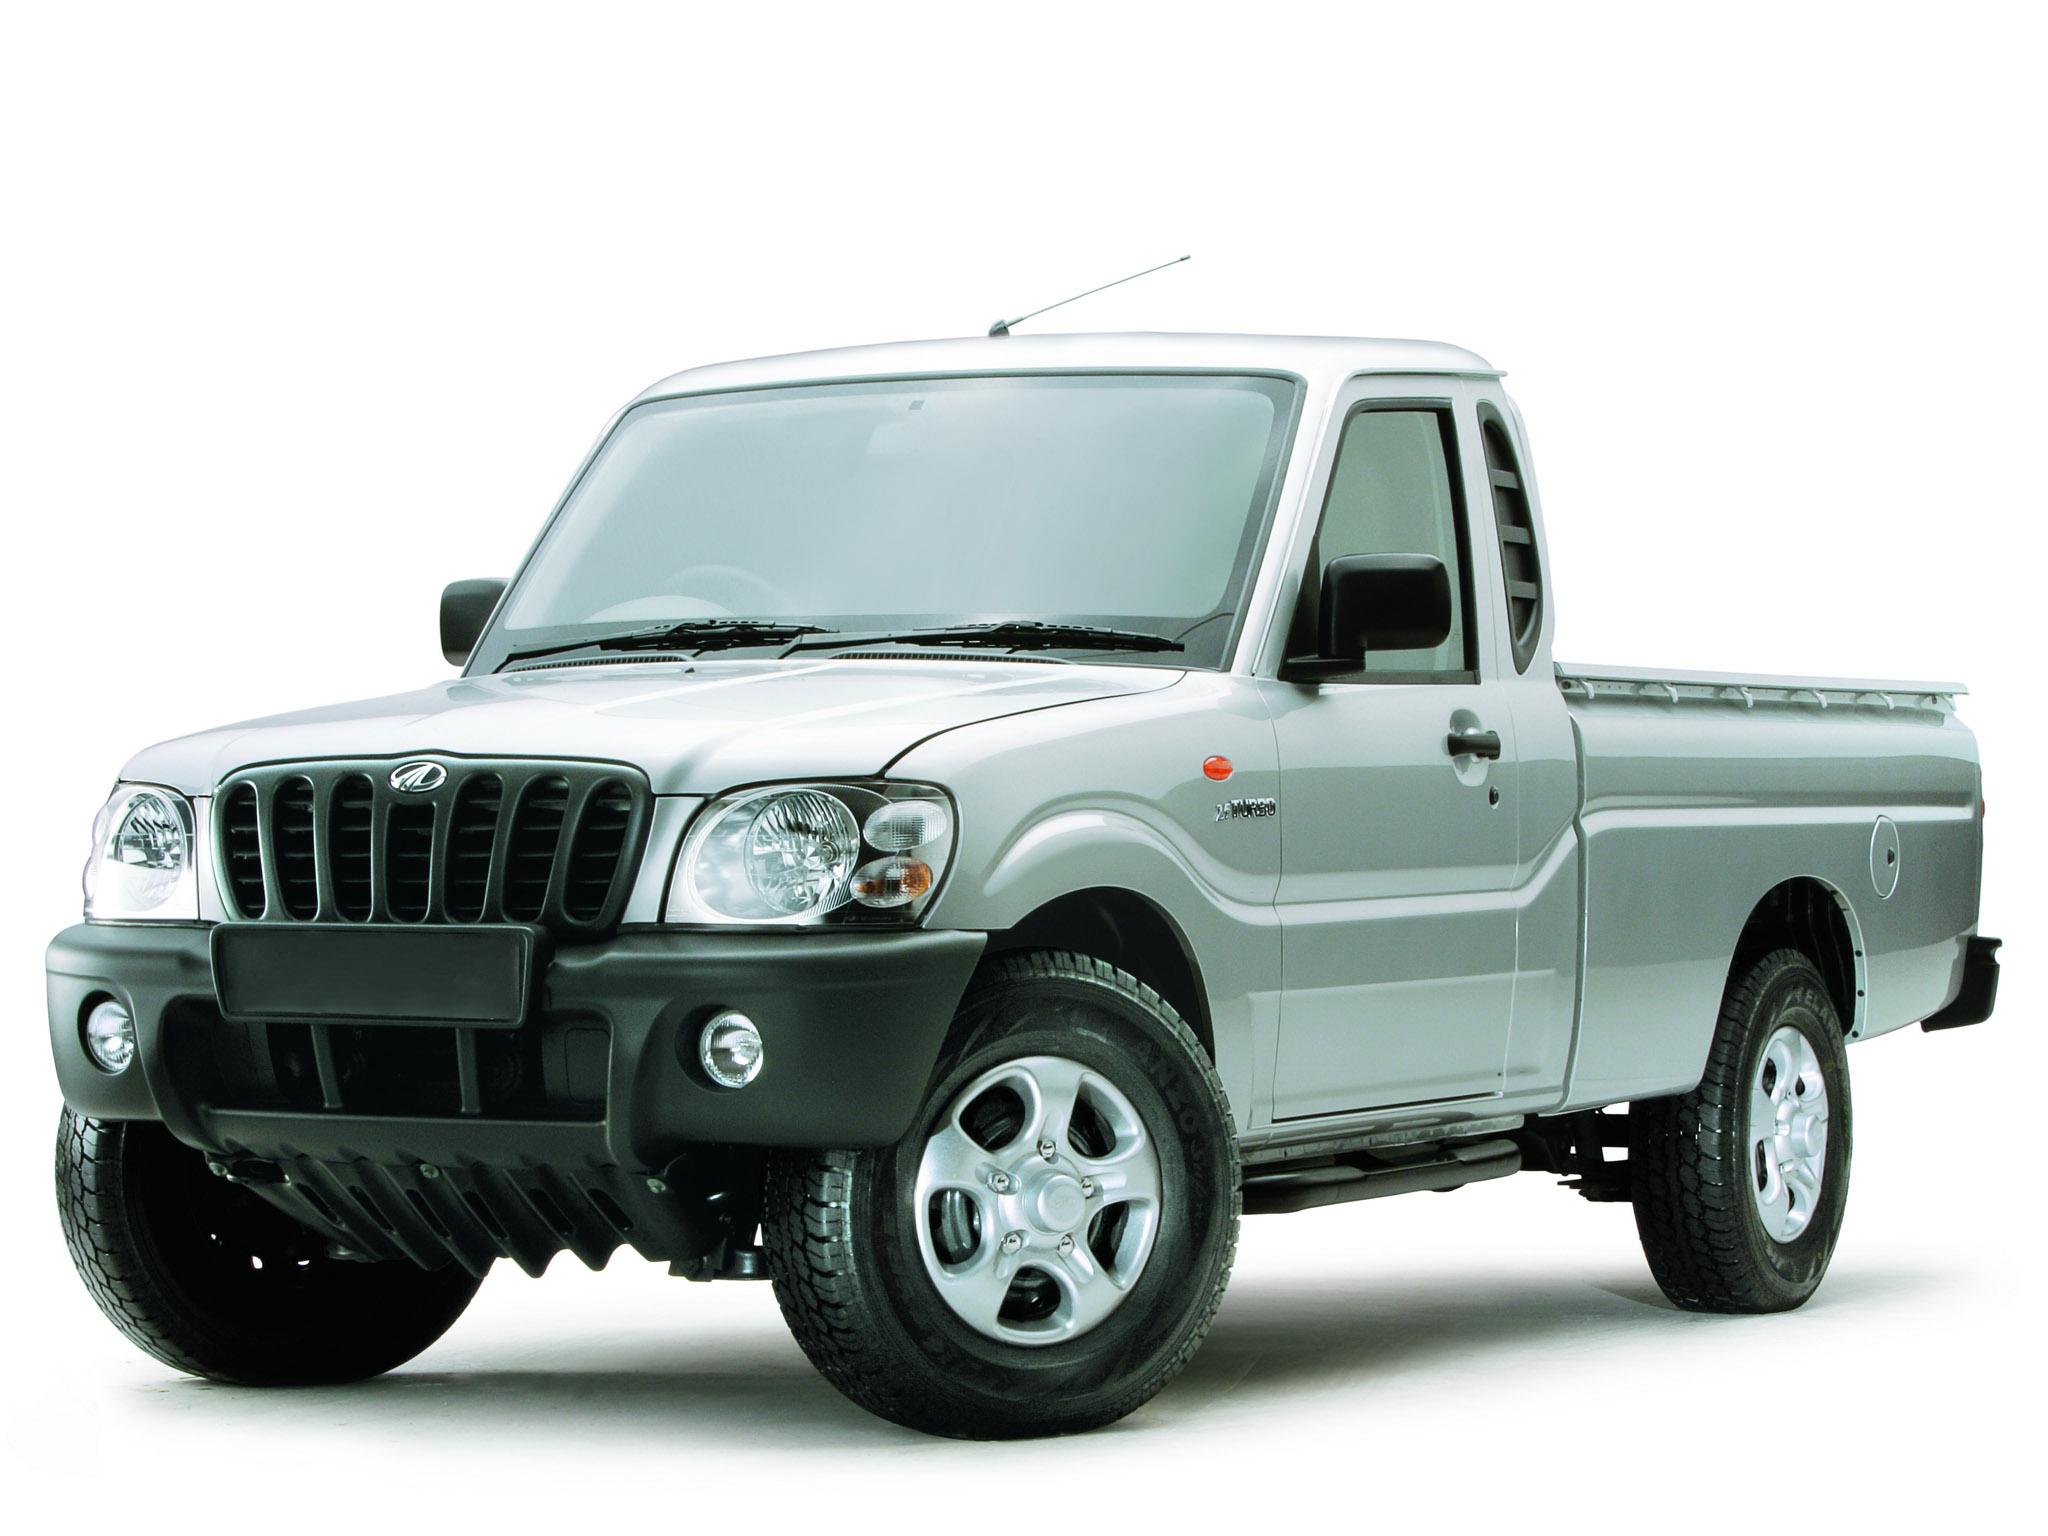 Antiquados, os modelos da Mahindra nunca foram campeões de venda